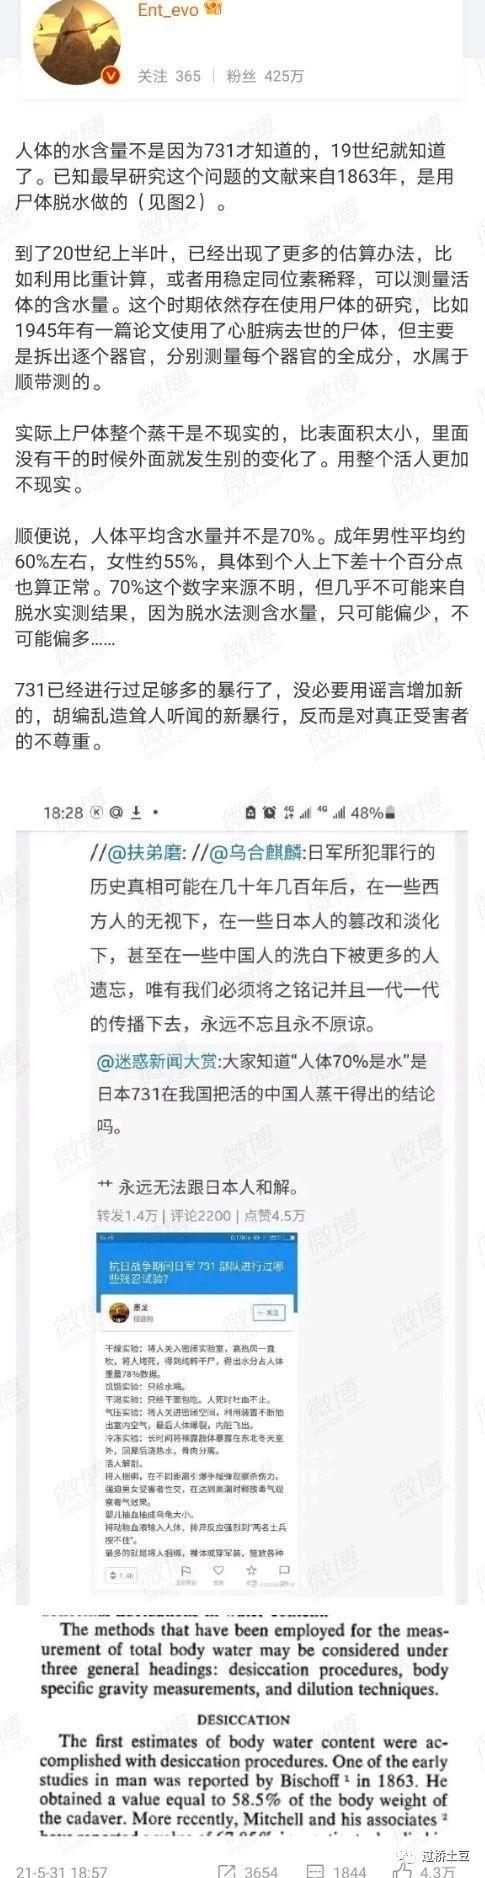 日本731部队真的做过人体干蒸实验吗?